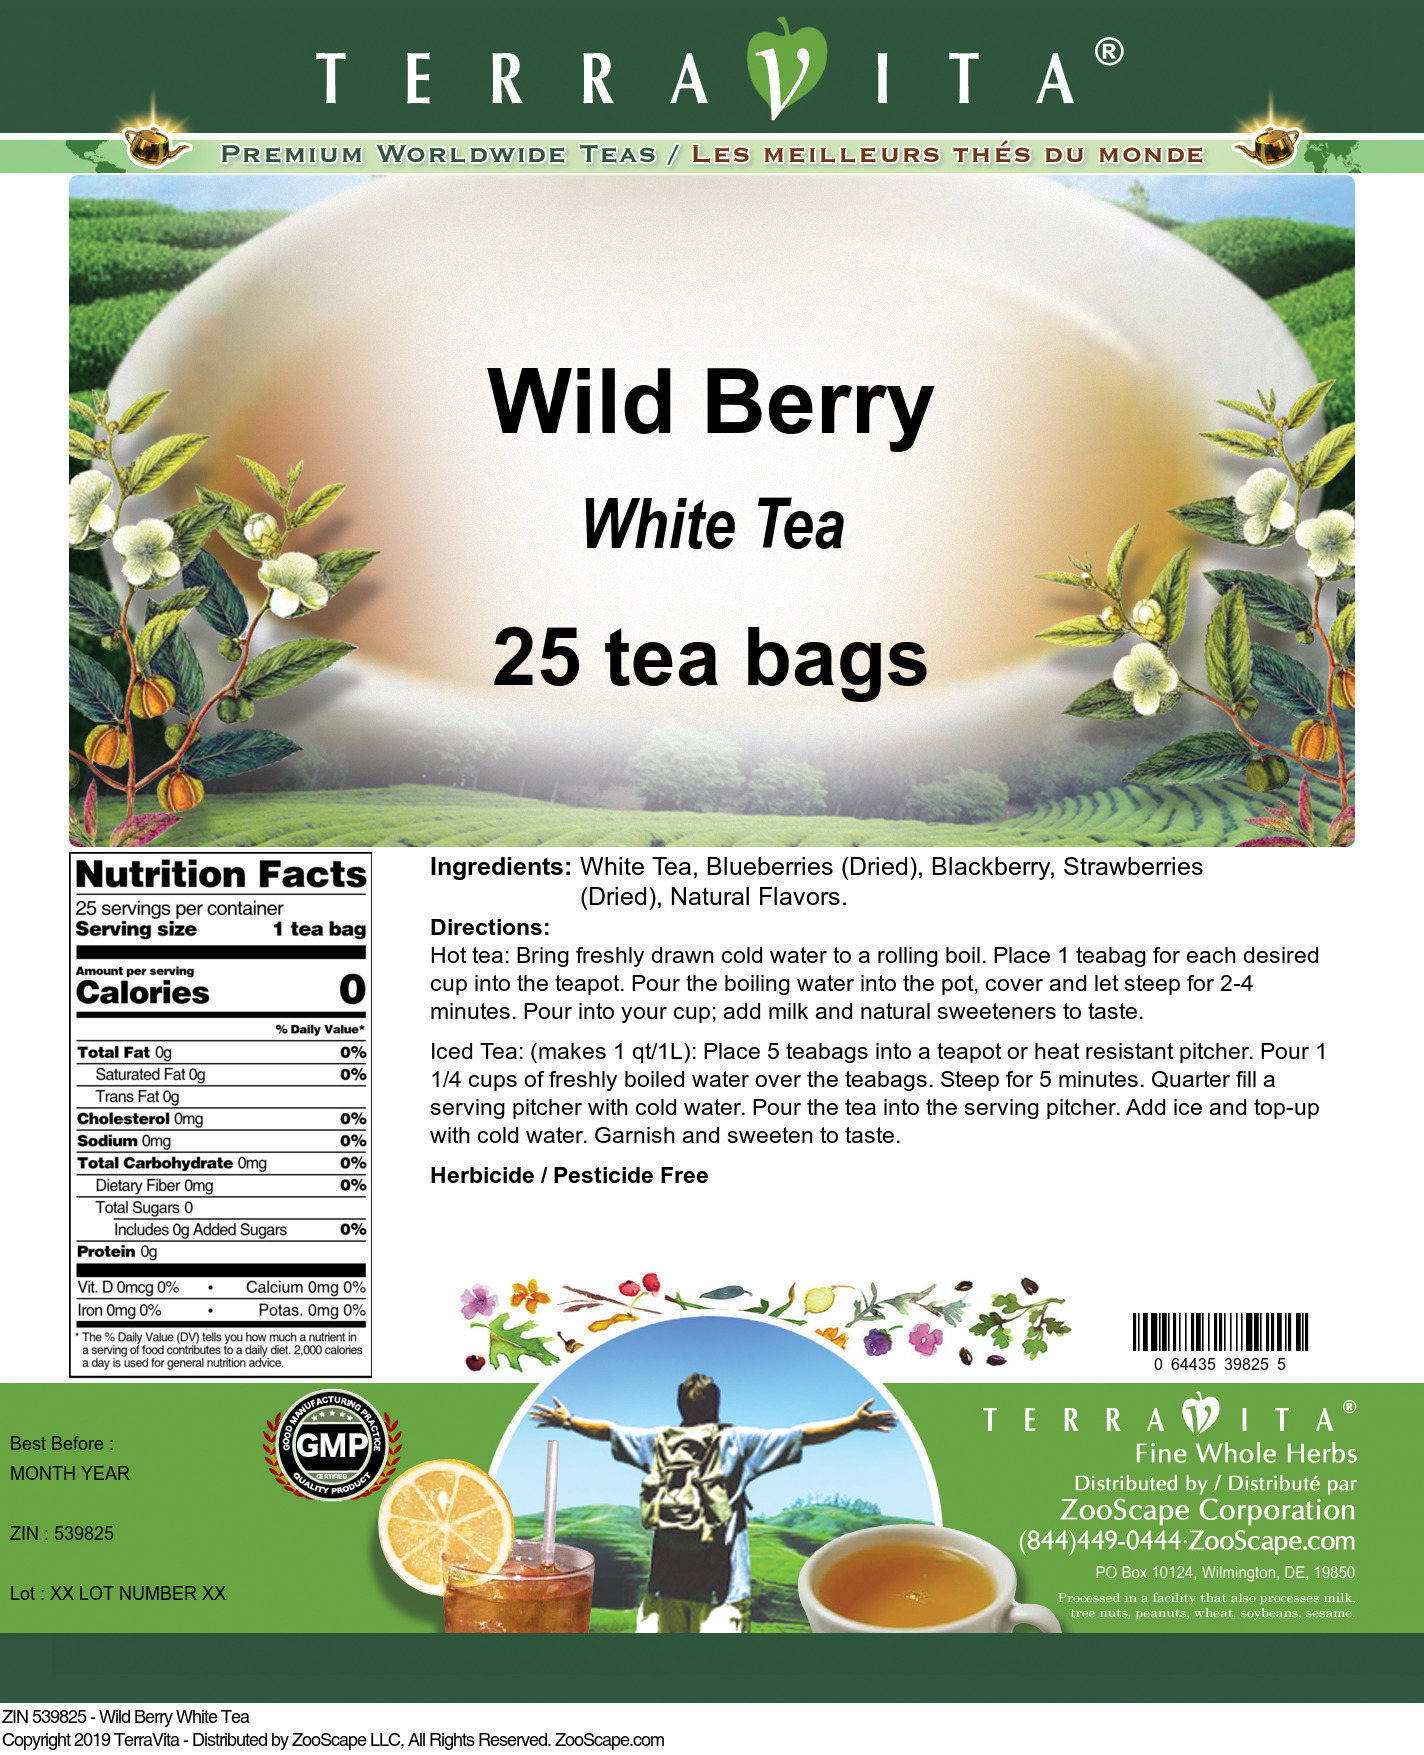 Wild Berry White Tea